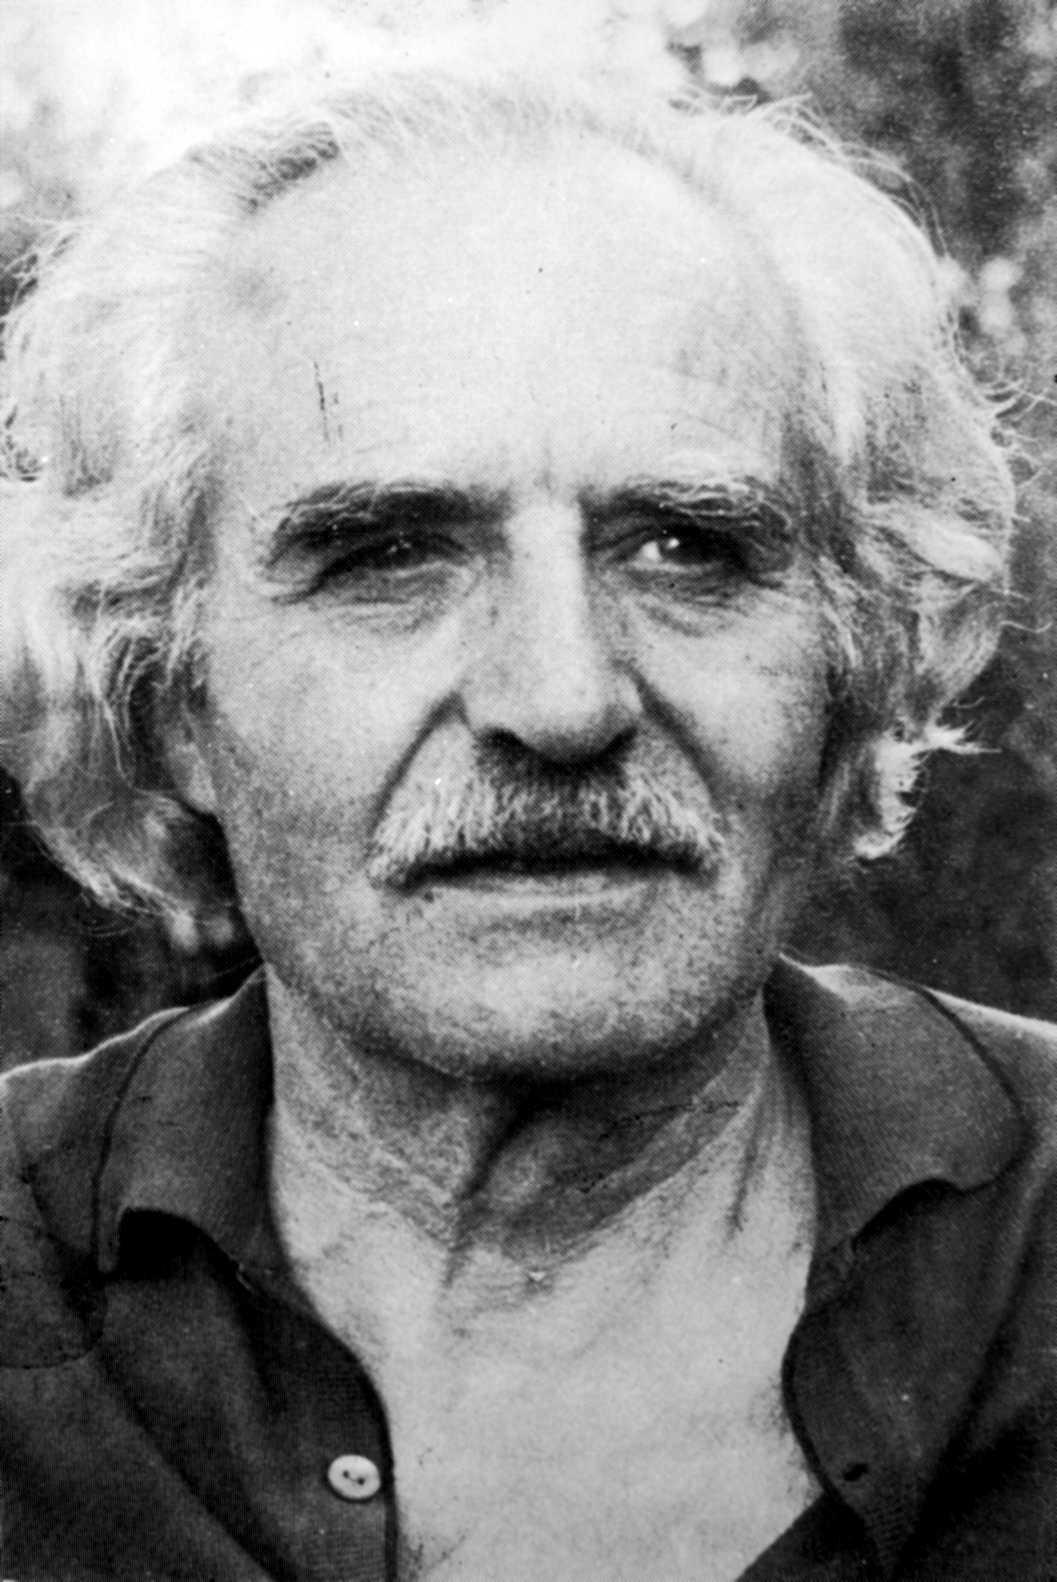 Luis Danussi (1976)